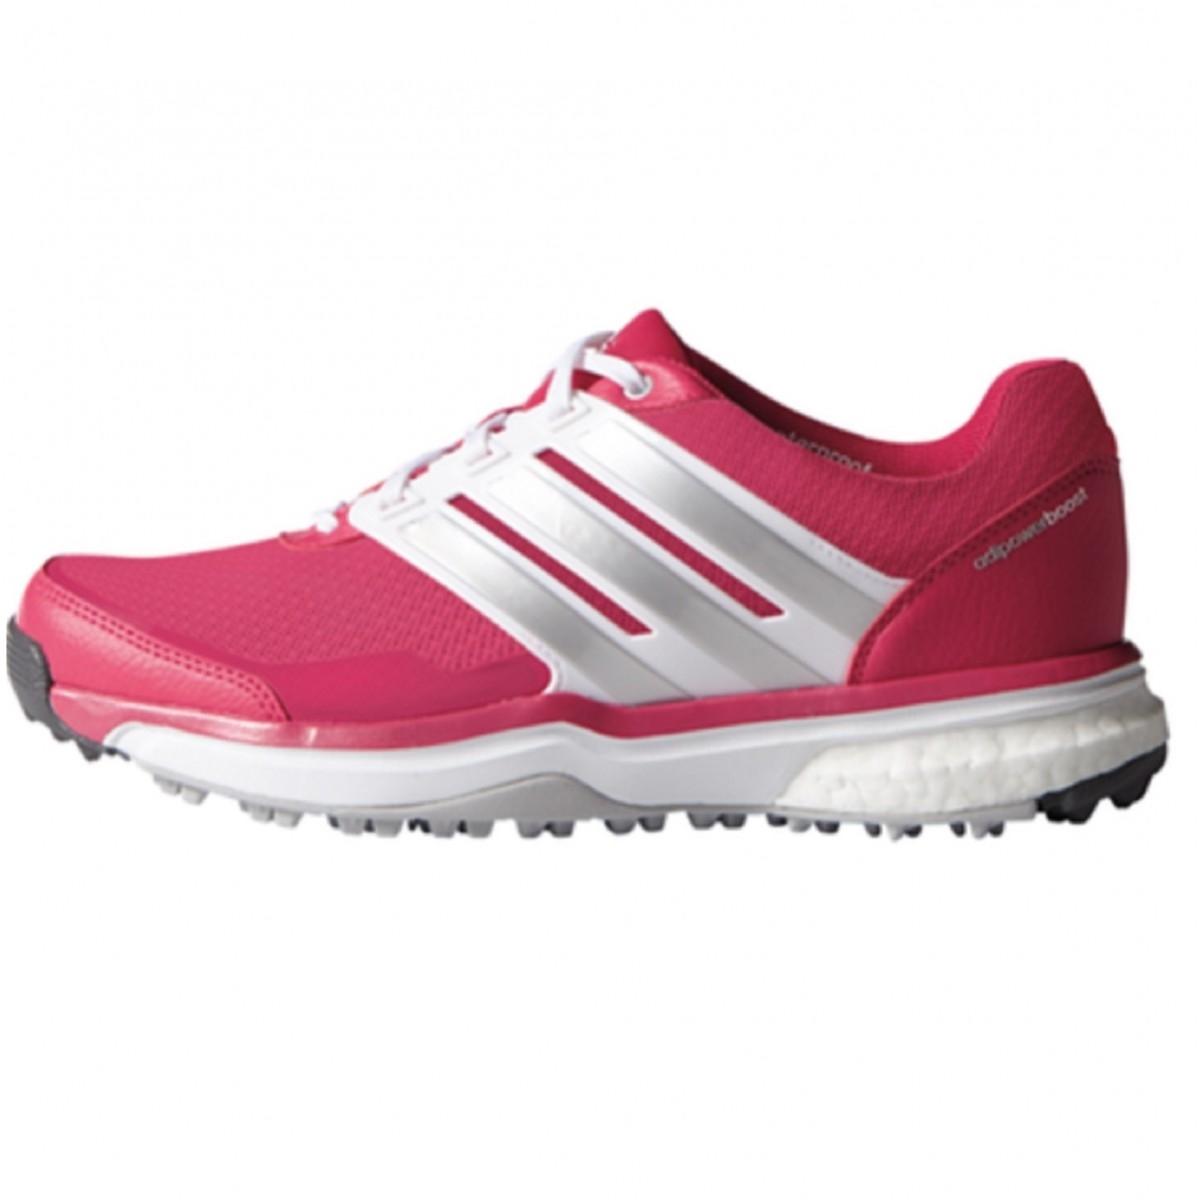 Adidas Women s Adipower Sport Boost 2 Raspberry Rose FTWR ... 29e32a150b